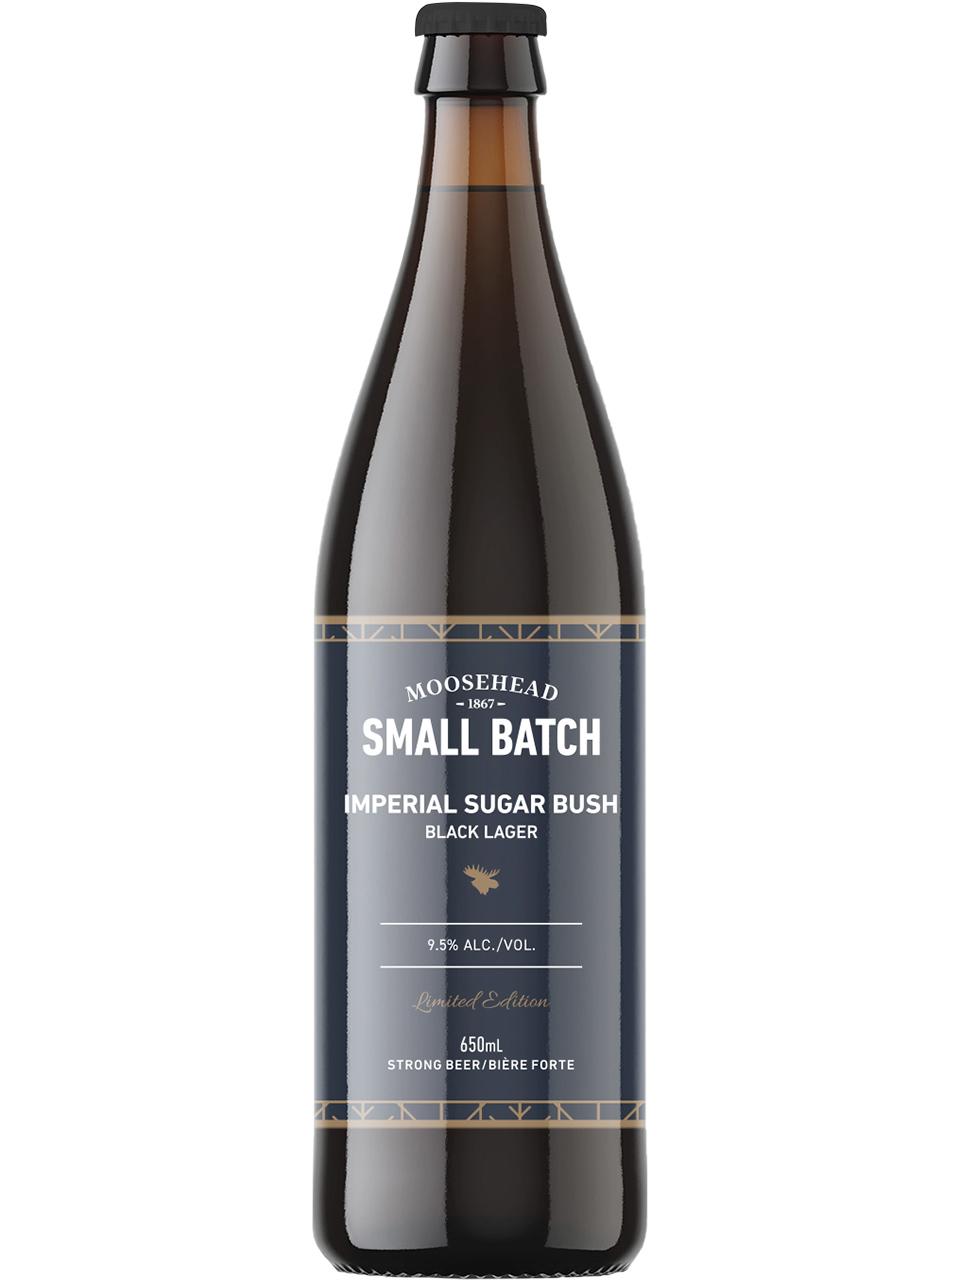 Small Batch Imperial Sugar Bush Dark Lager 650ml